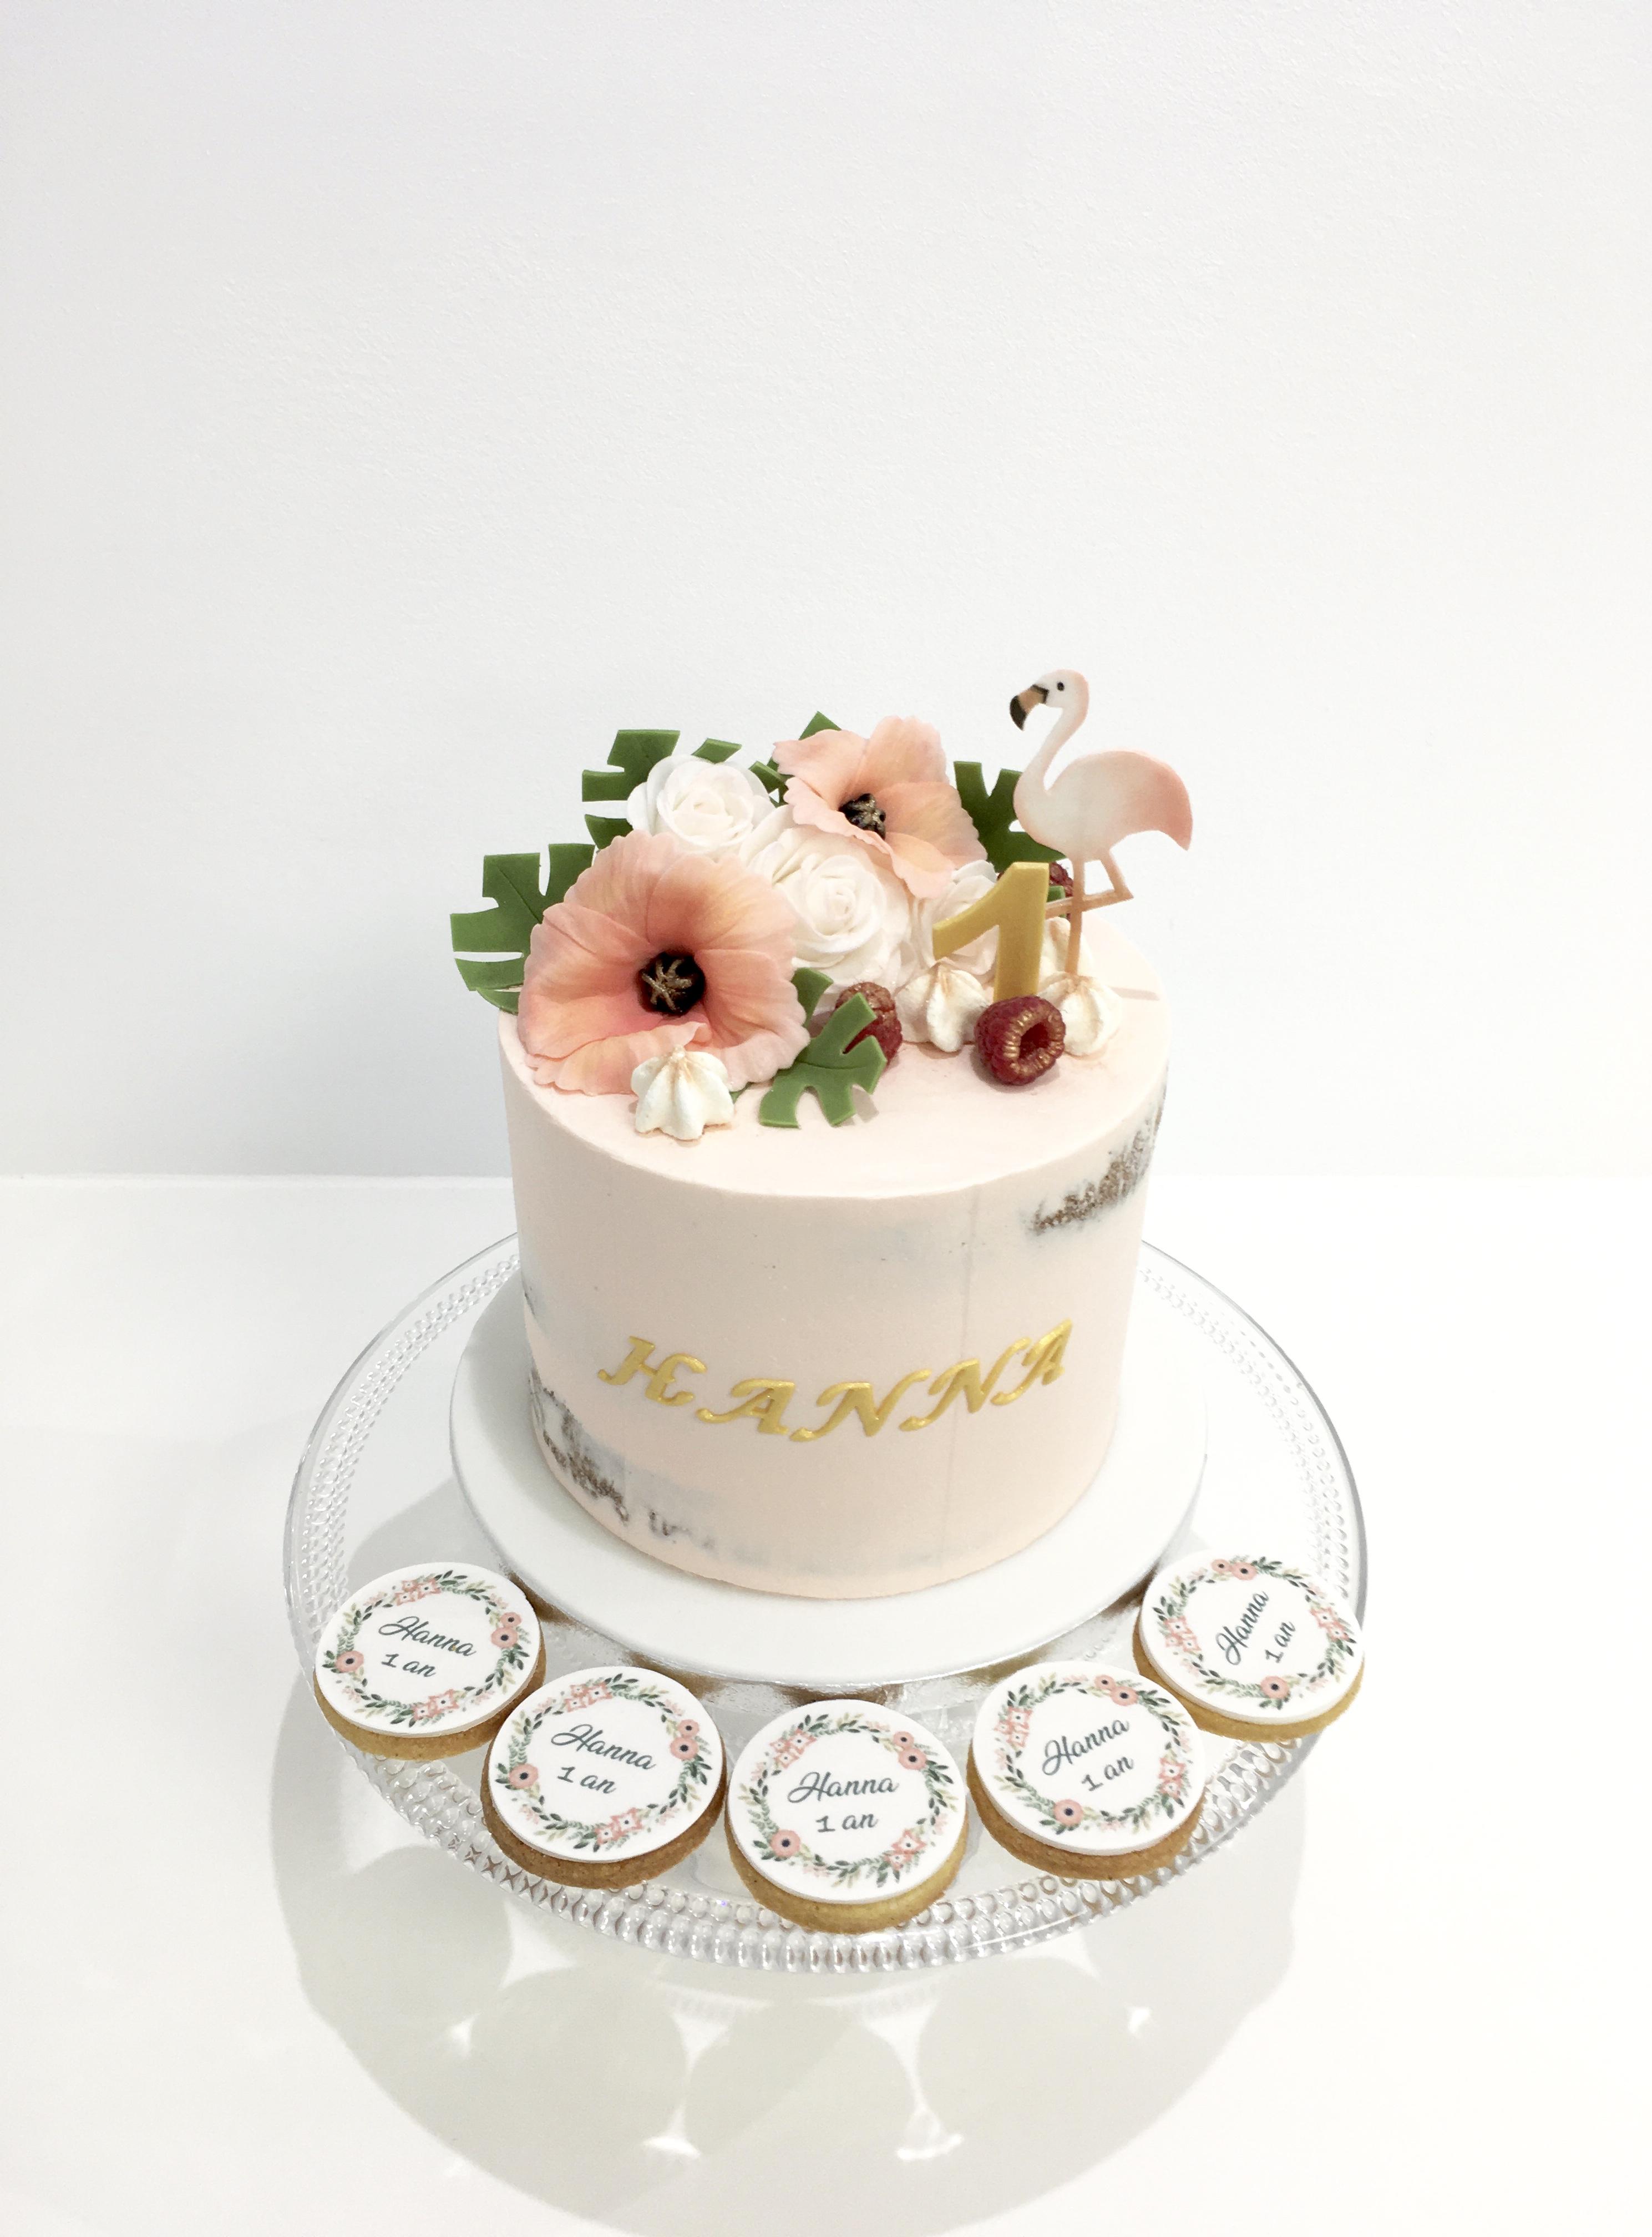 Gâteaux individuels personnalisés Anniversaire - Sablés décorés Thème Floral Exotique Pastel